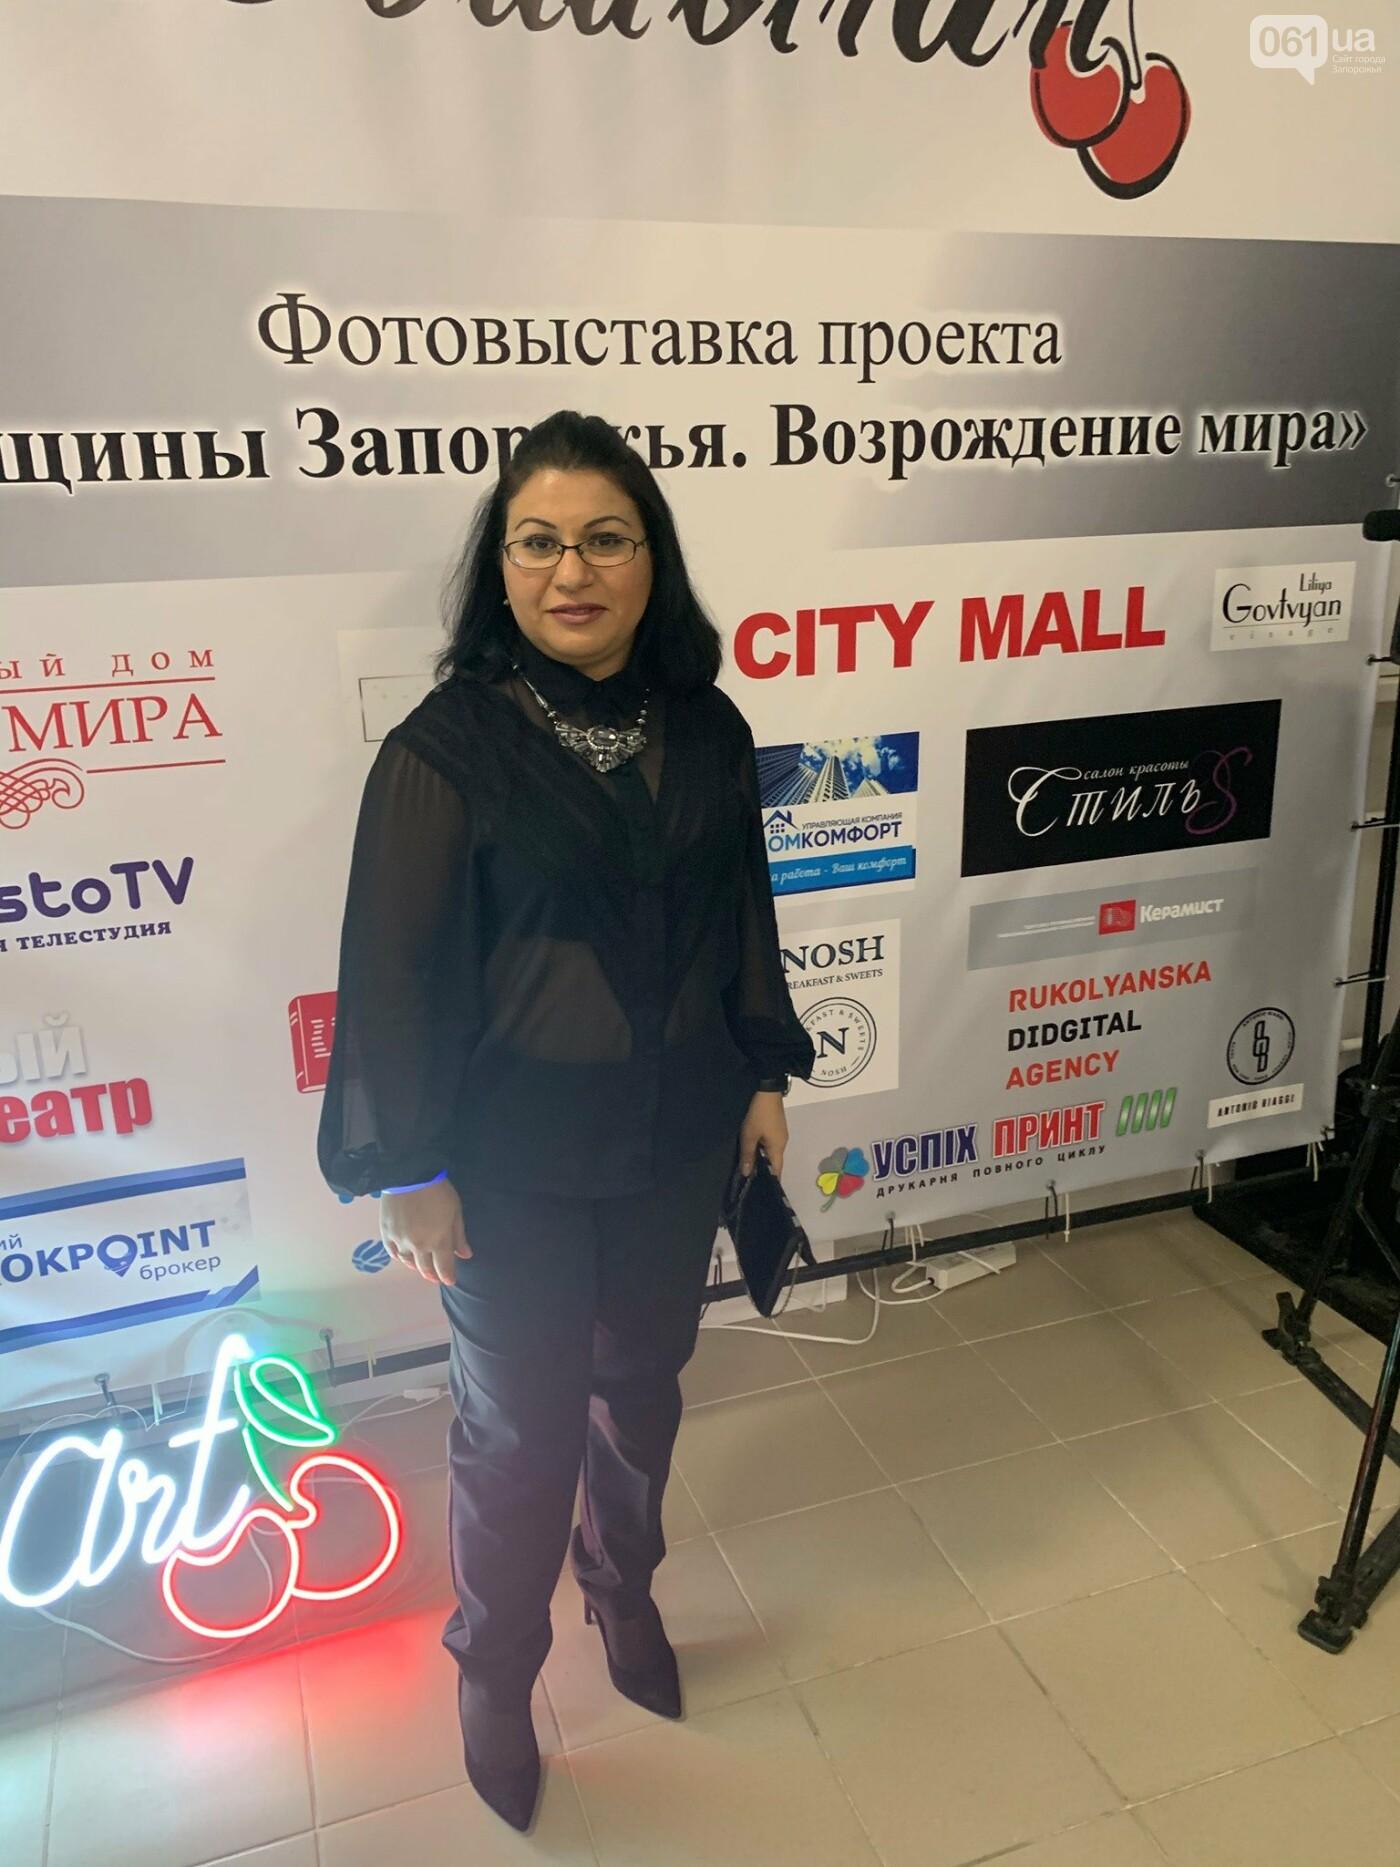 Социализация и человечность: как ТРК City Mall участвует в общественной жизни города, фото-3